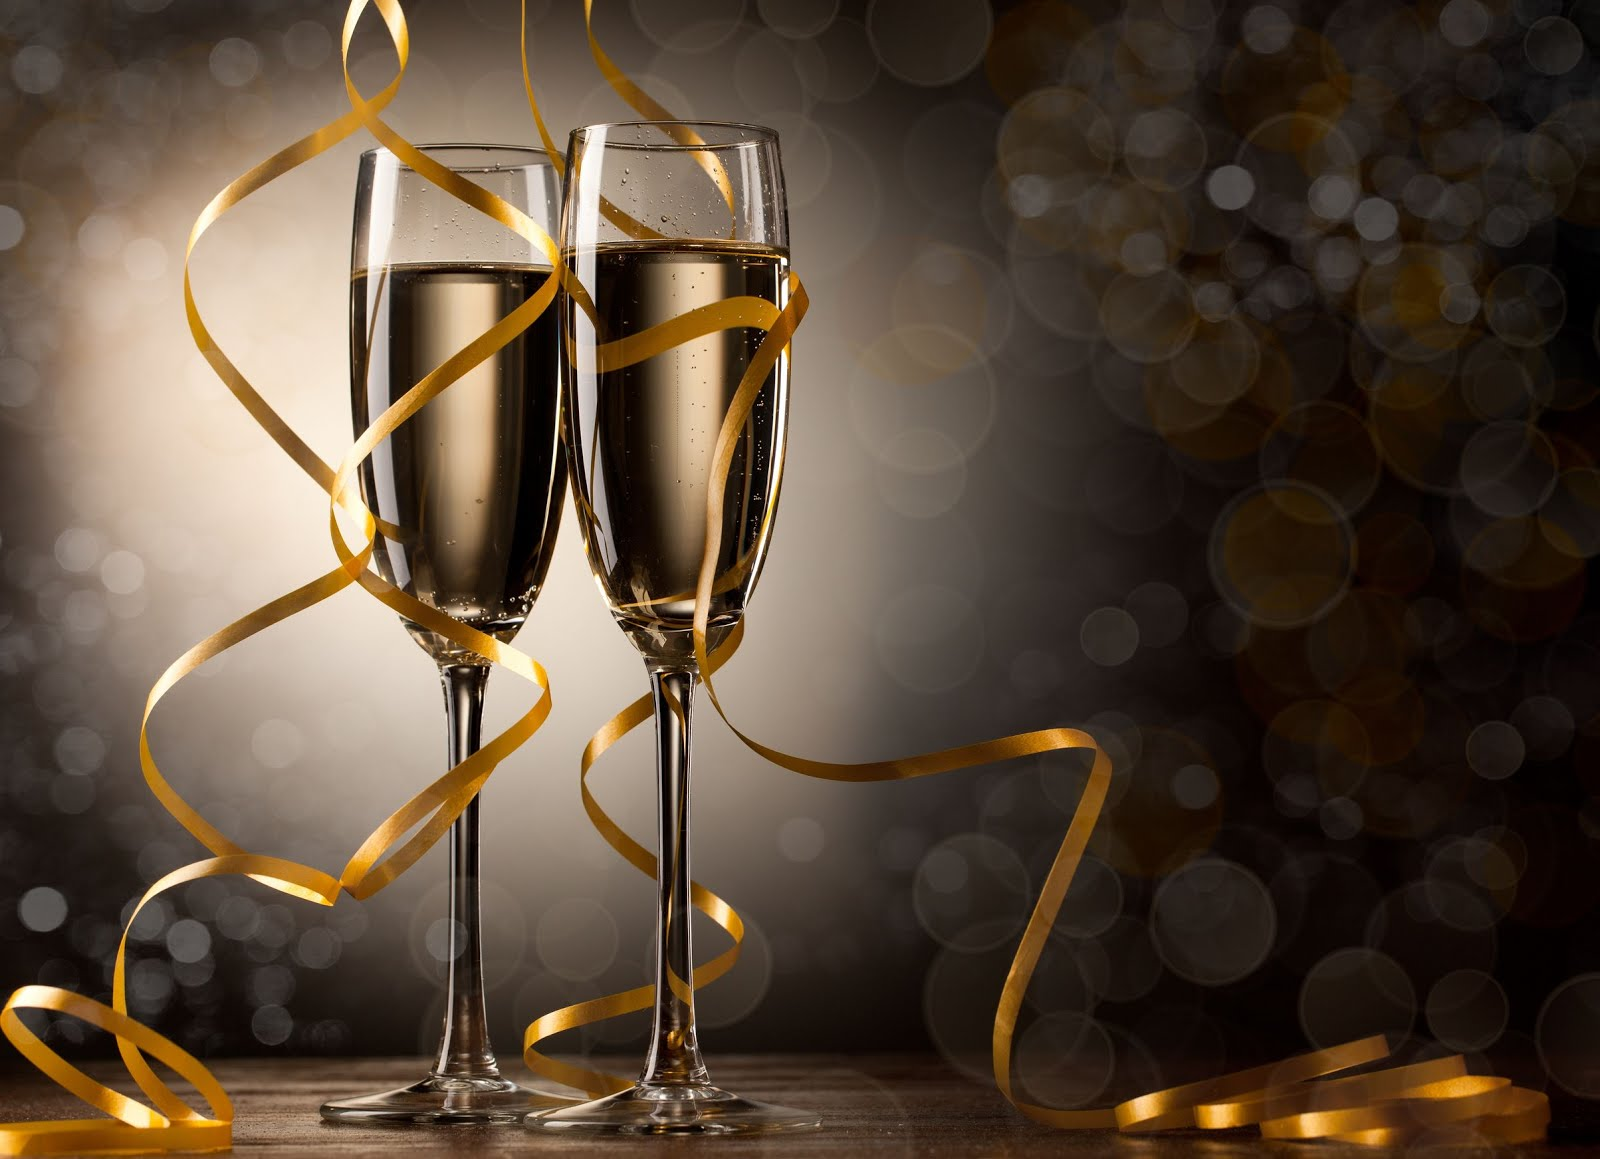 2015 год деревянной козы (овцы): как встретить Новый год 2015 и что надеть в новогоднюю ночь 2015?